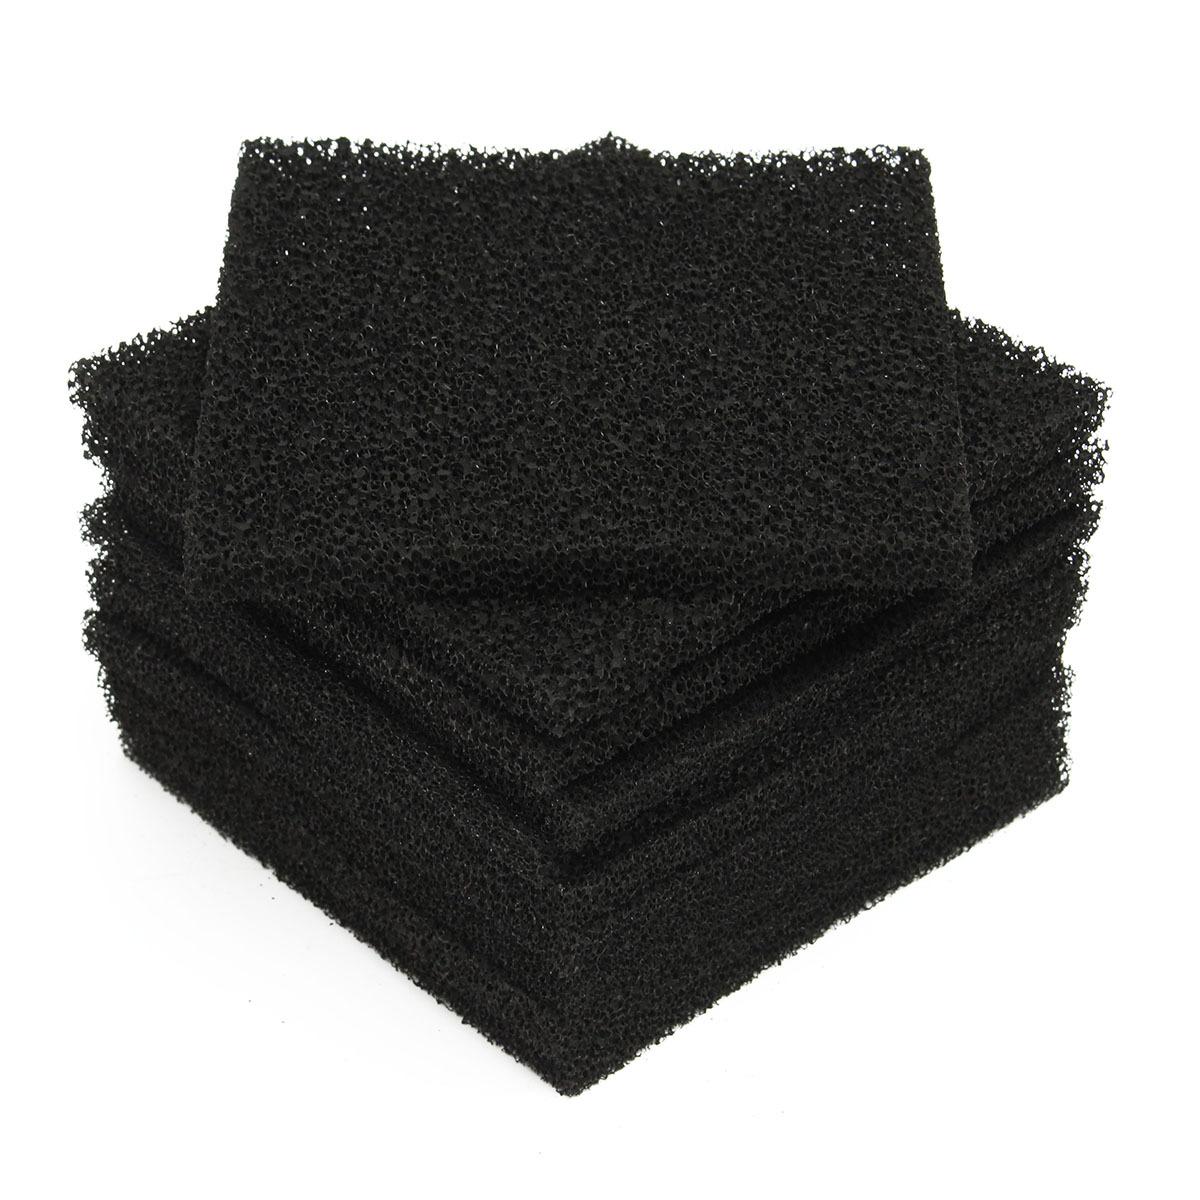 SilveRboard Graphite: Carbon Graphite Rigid Foam Insulation |Graphite Foam